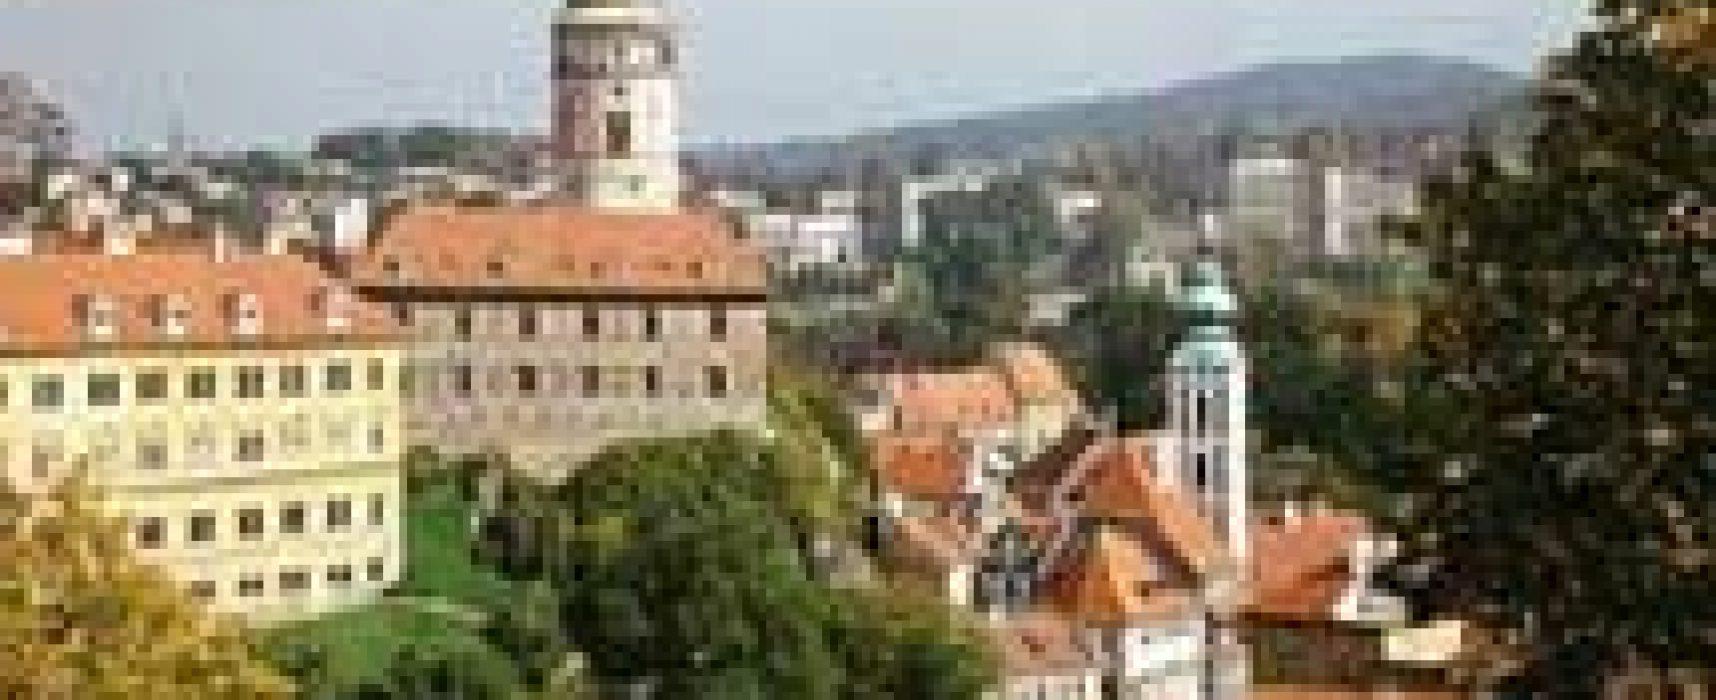 СМИ: В Чехии обезврежен российский центр кибератак